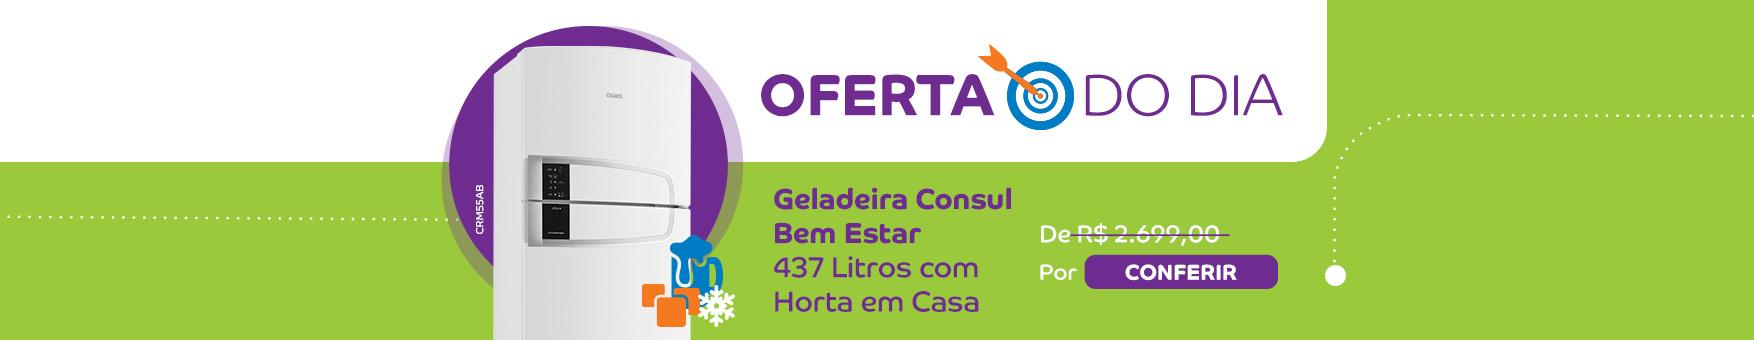 Promoção Interna - 21 - ofertasdodia - crm55ab - 2